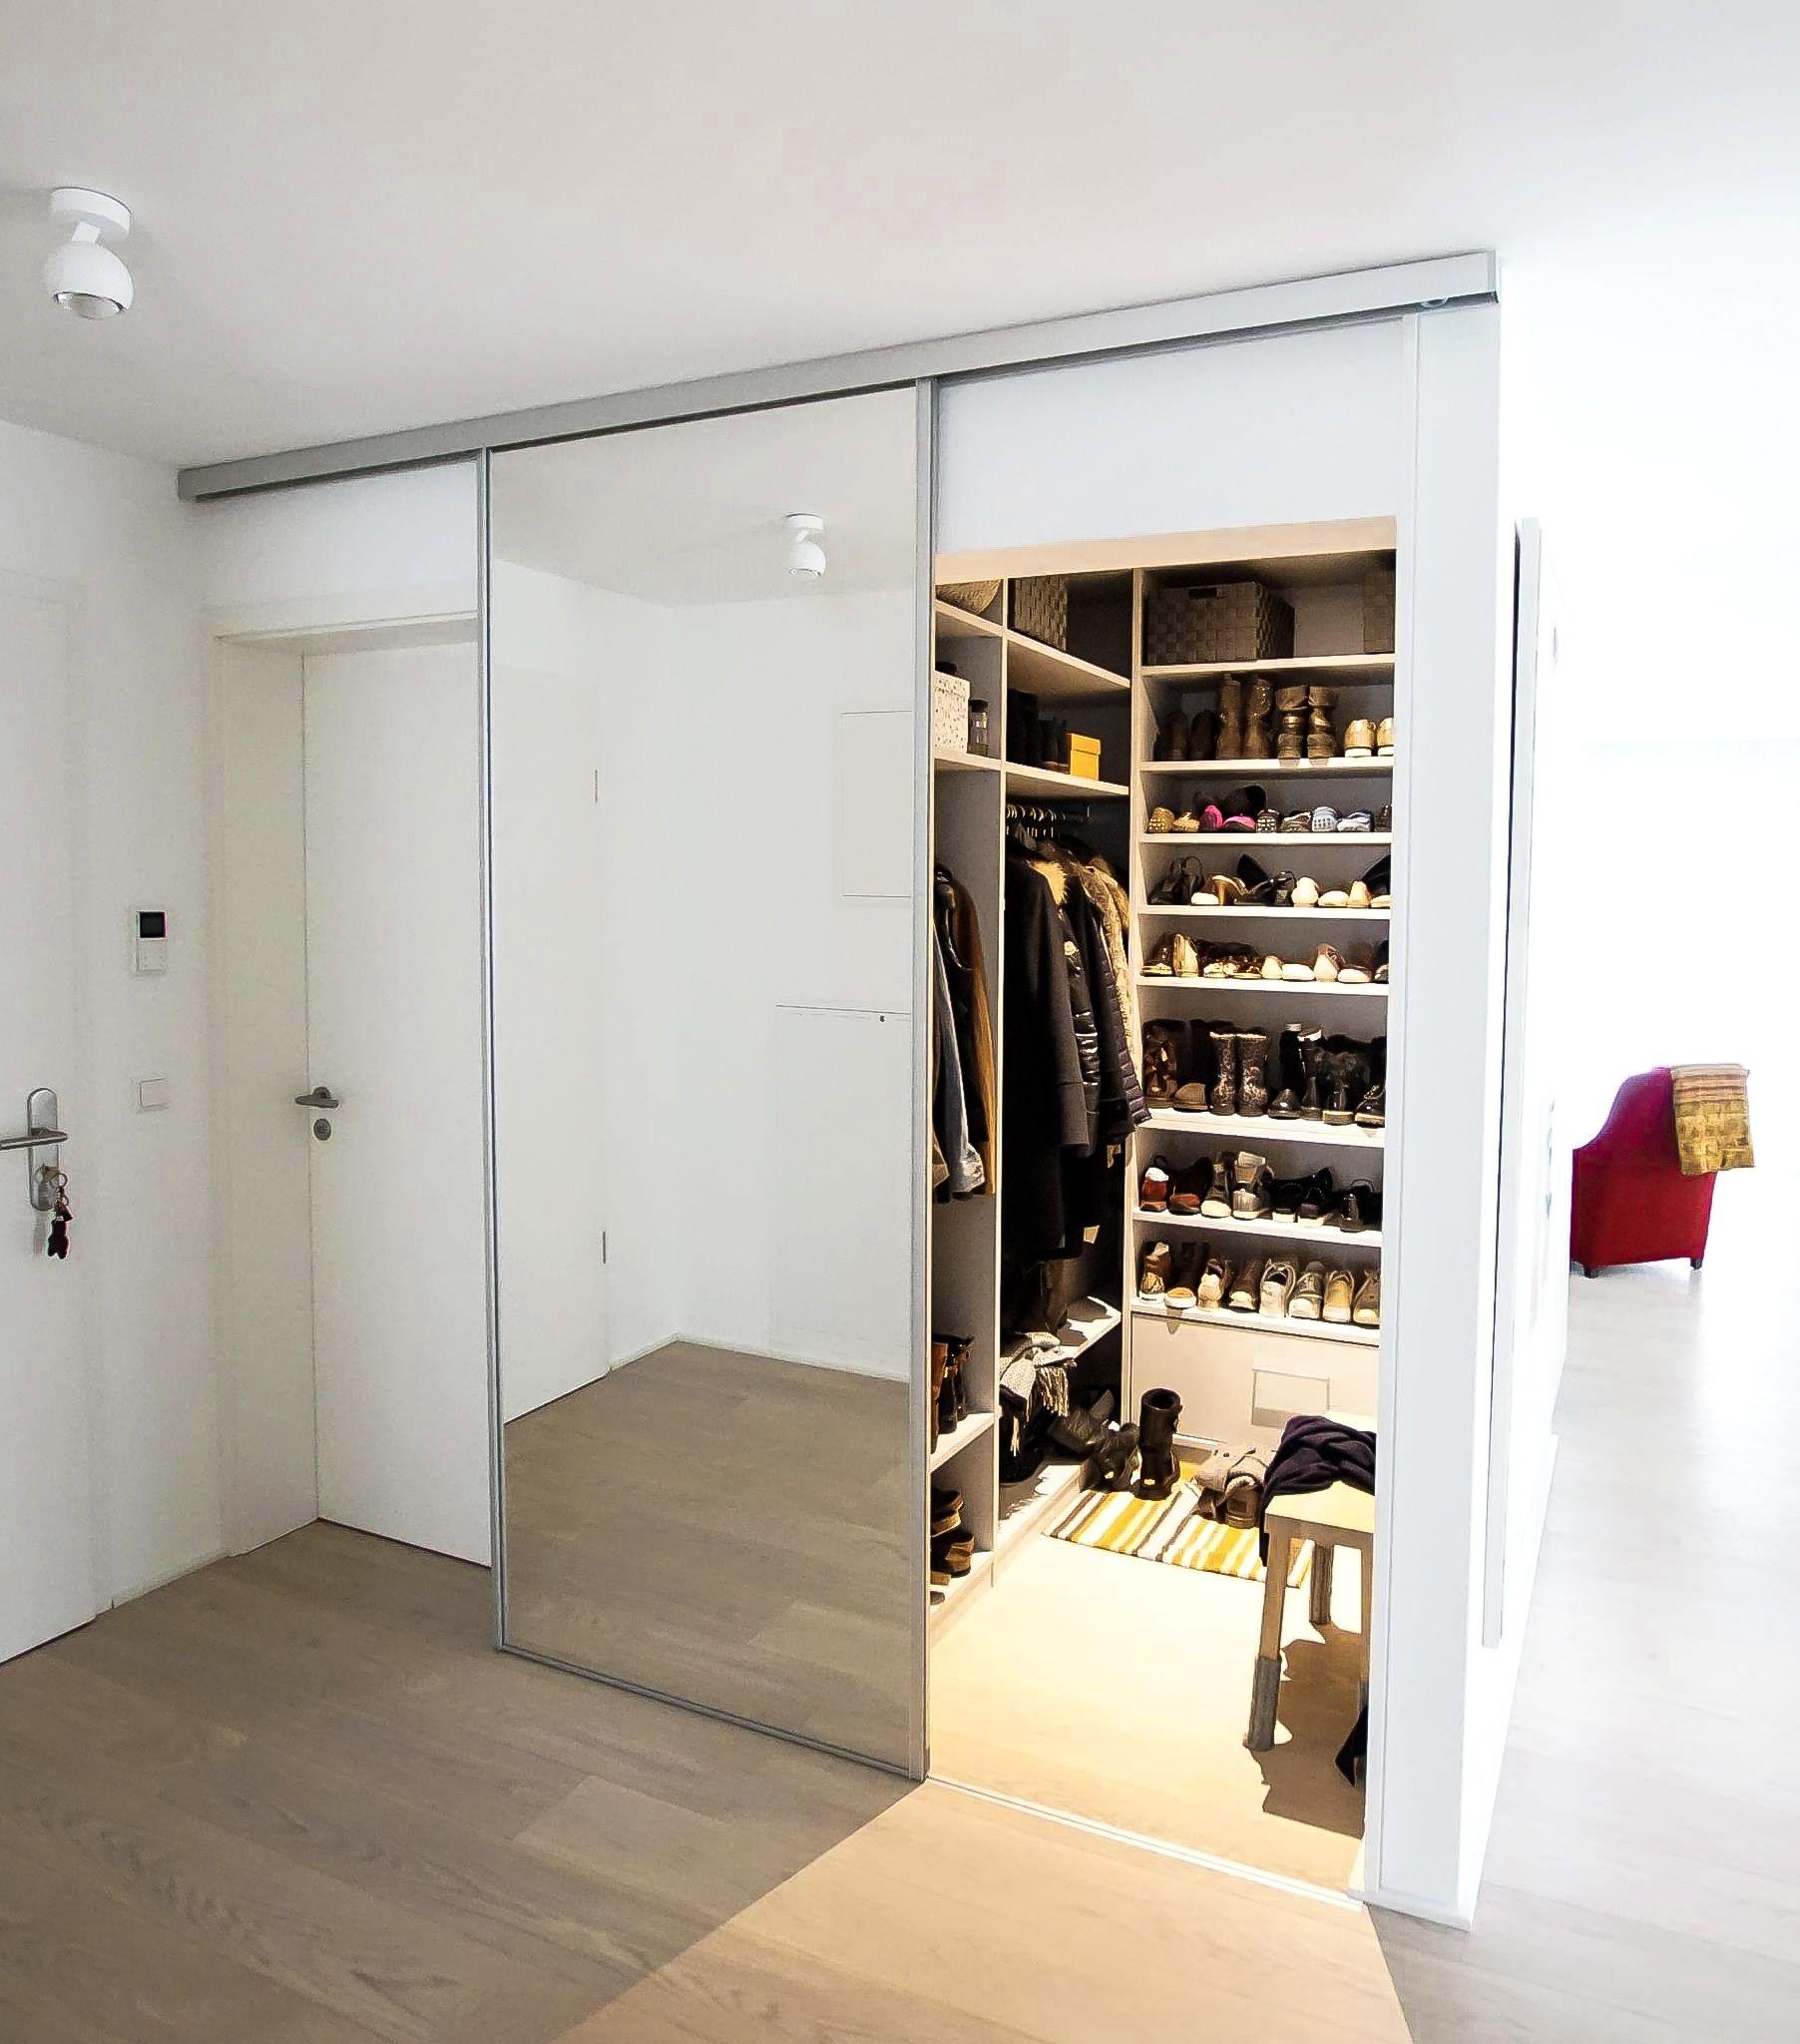 Begehbarer Kleiderschrank Mit Raumteiler Begehbarer Kleiderschrank Garderobenraum Begehbarer Kleiderschrank Dachschrage